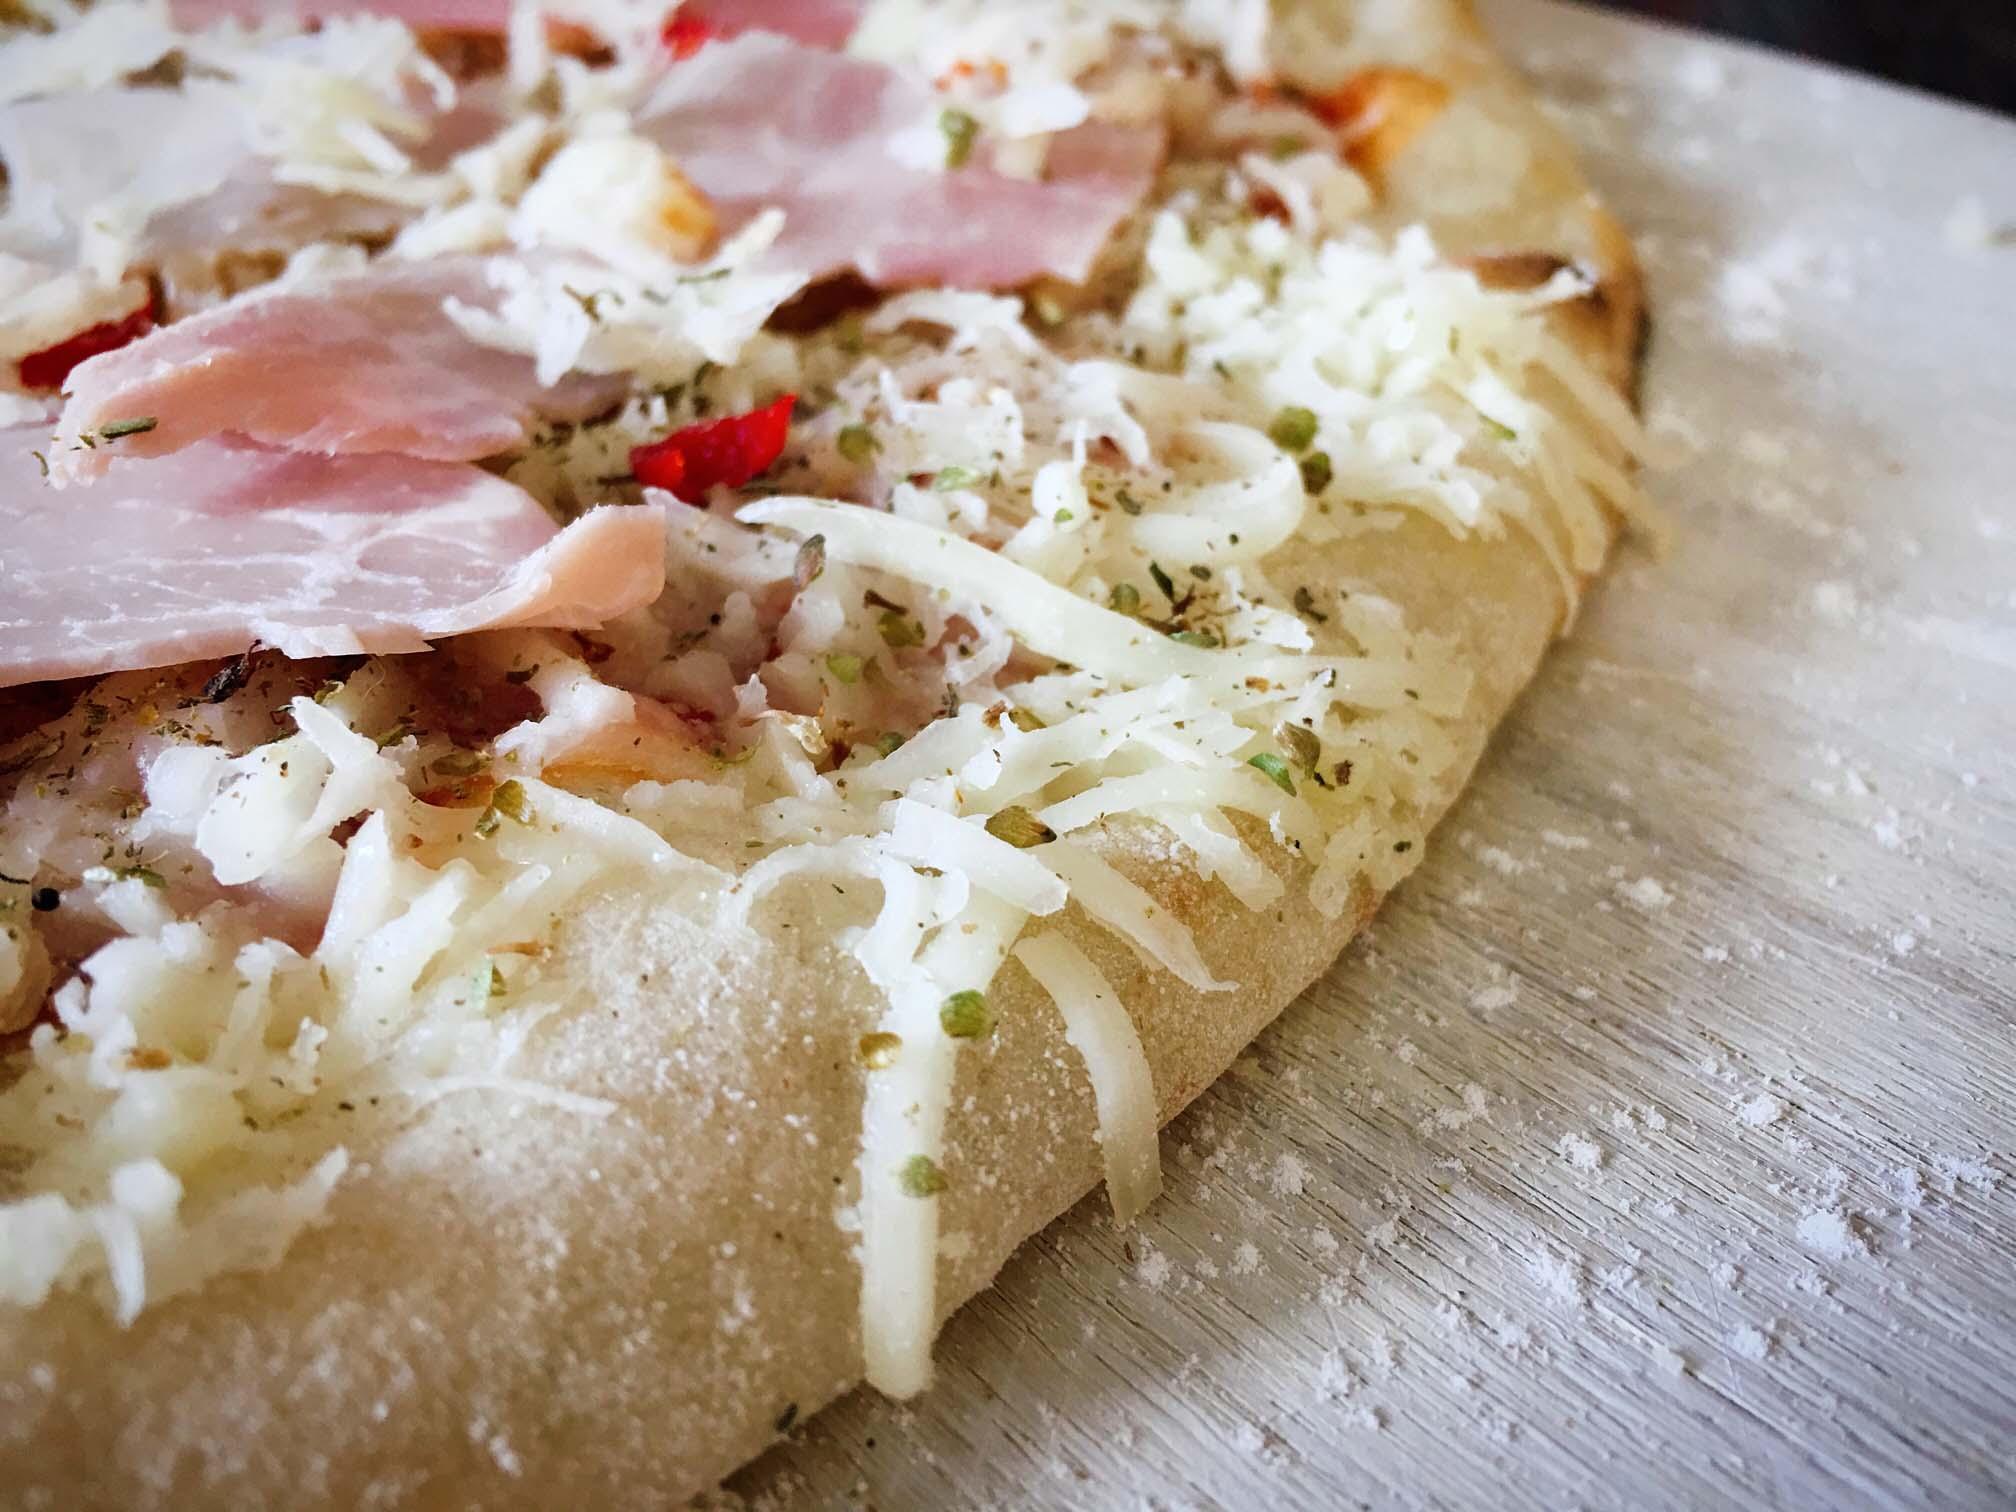 Käse hängt am Pizzarand